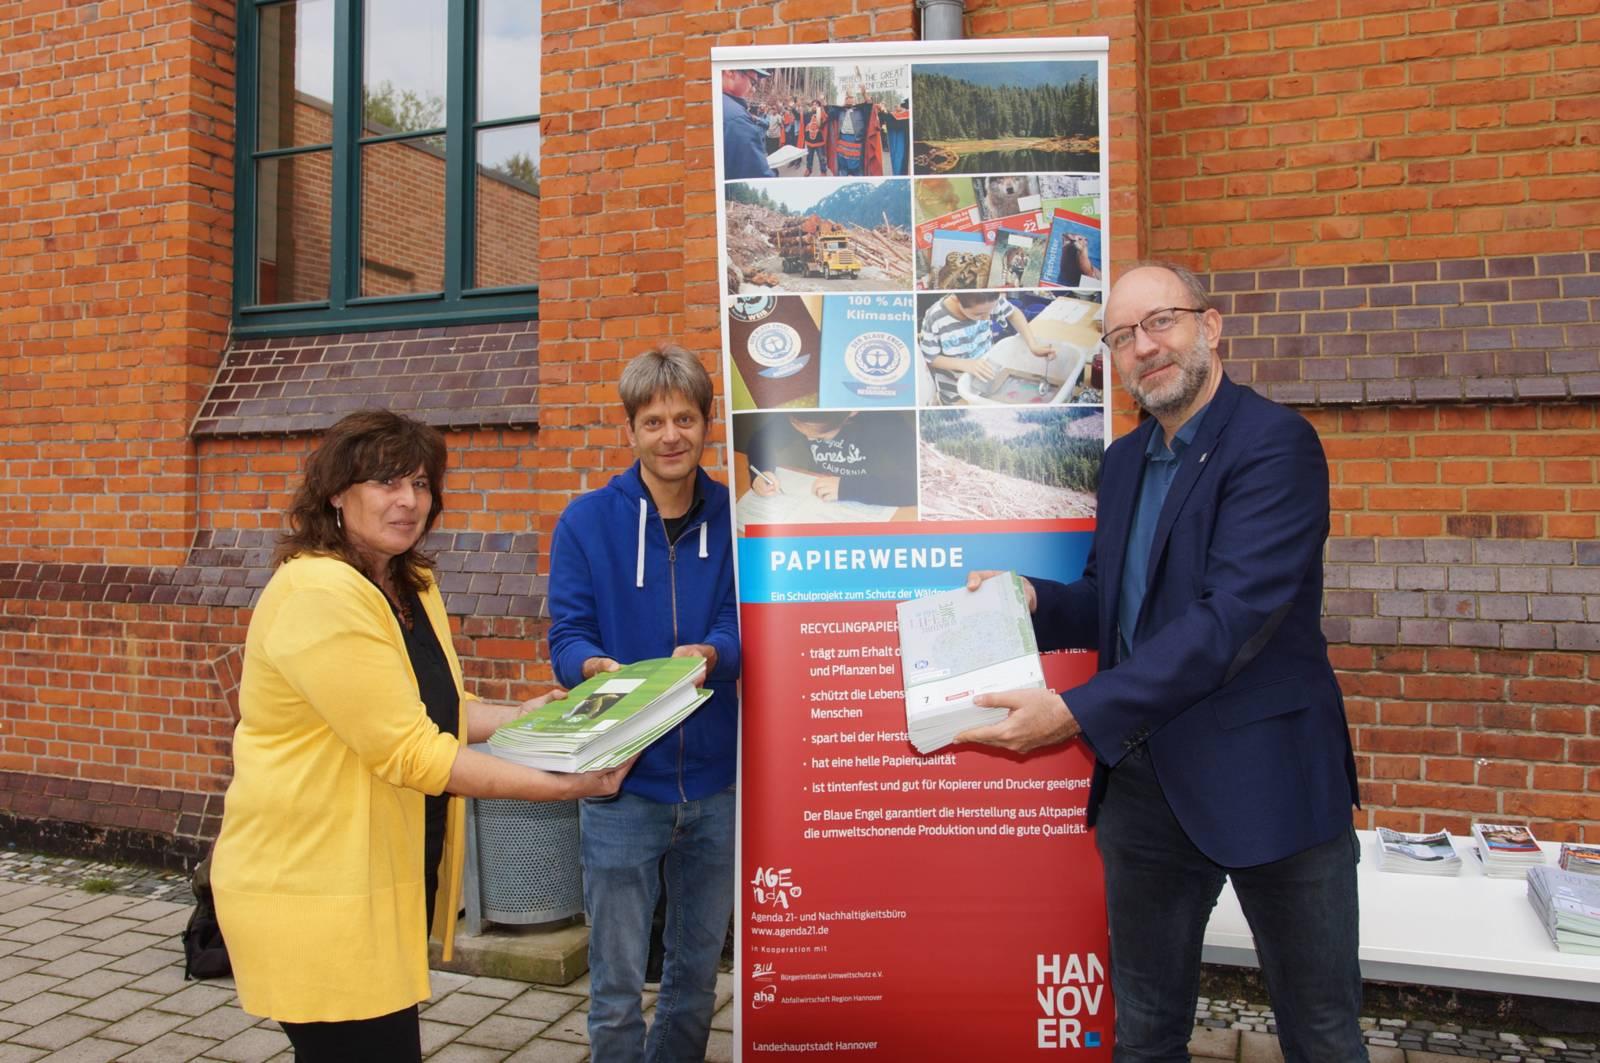 Drei Personen mit Recyclingpapier auf einem Schulhof.